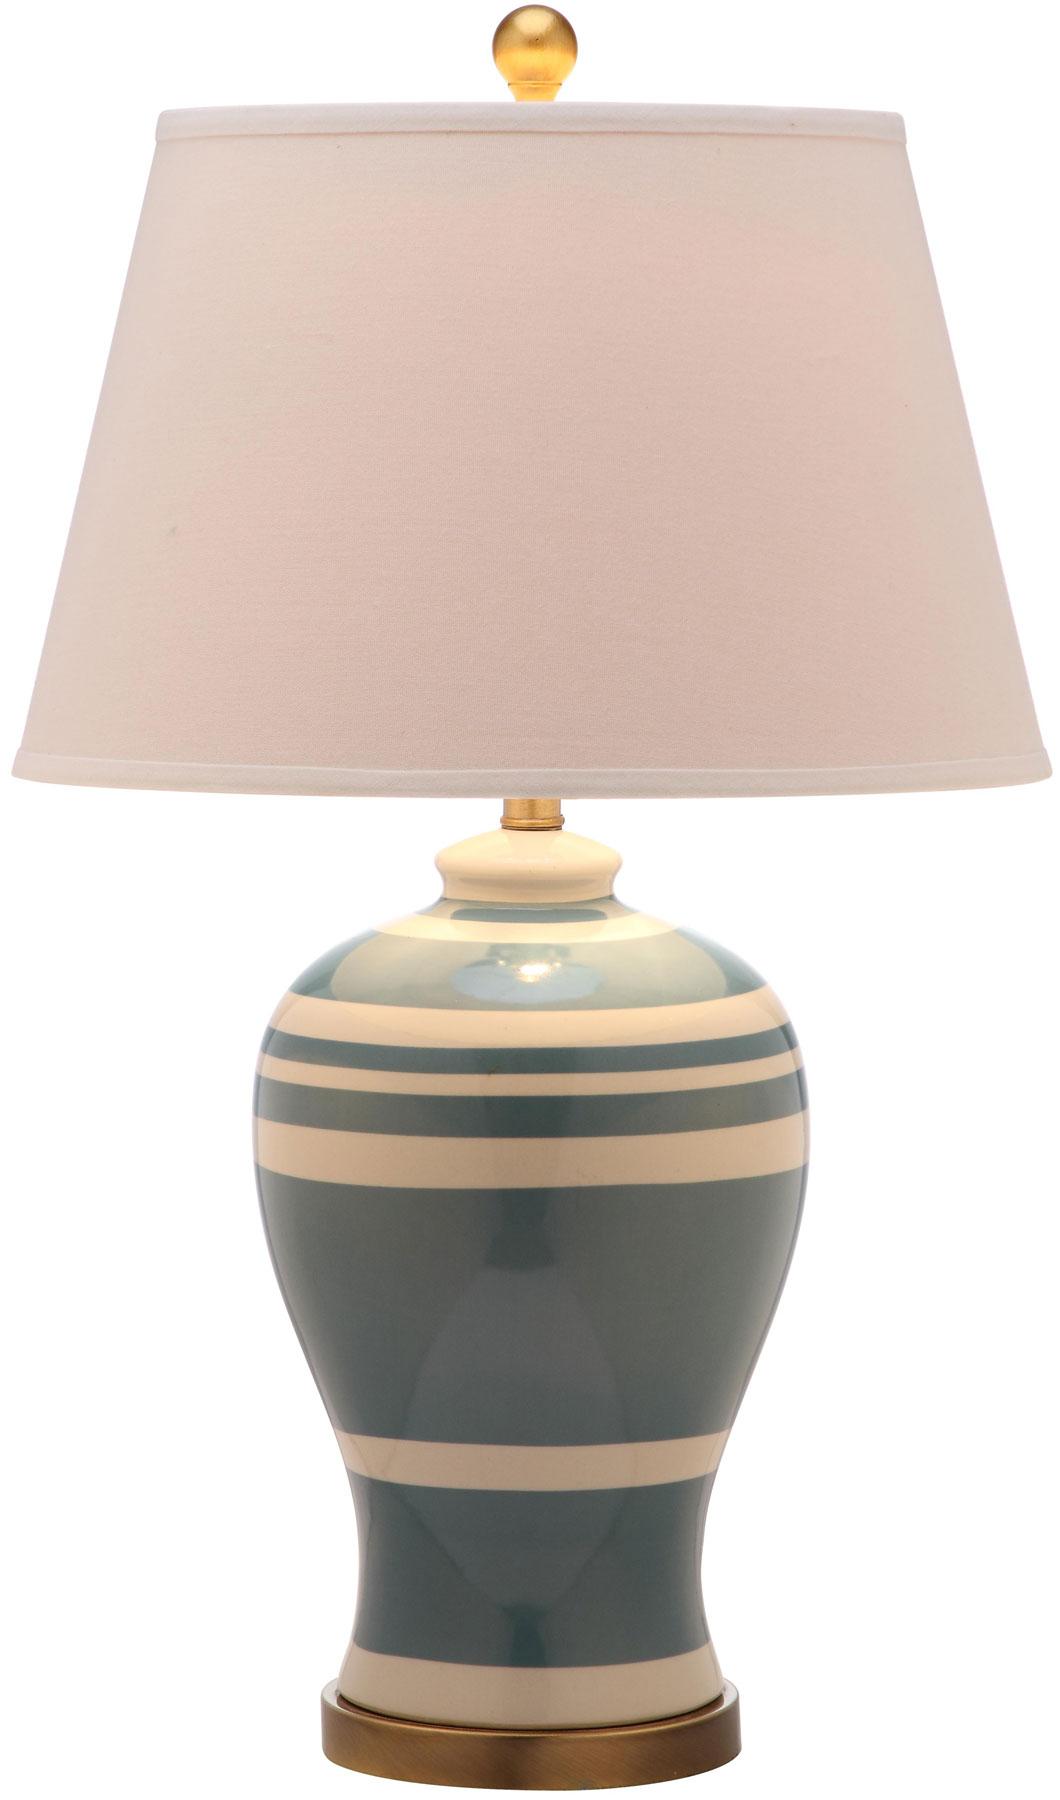 Fullsize Of Ginger Jar Lamps